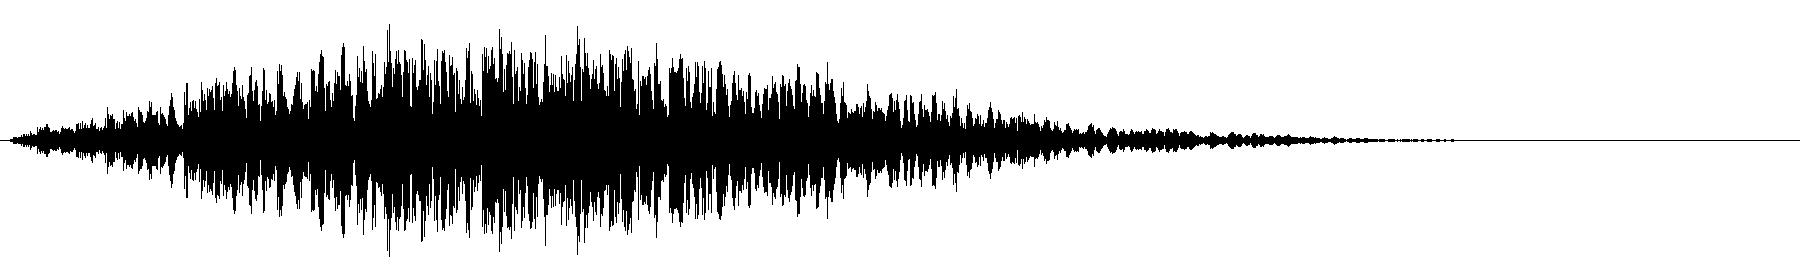 bluezone xworld sound 063